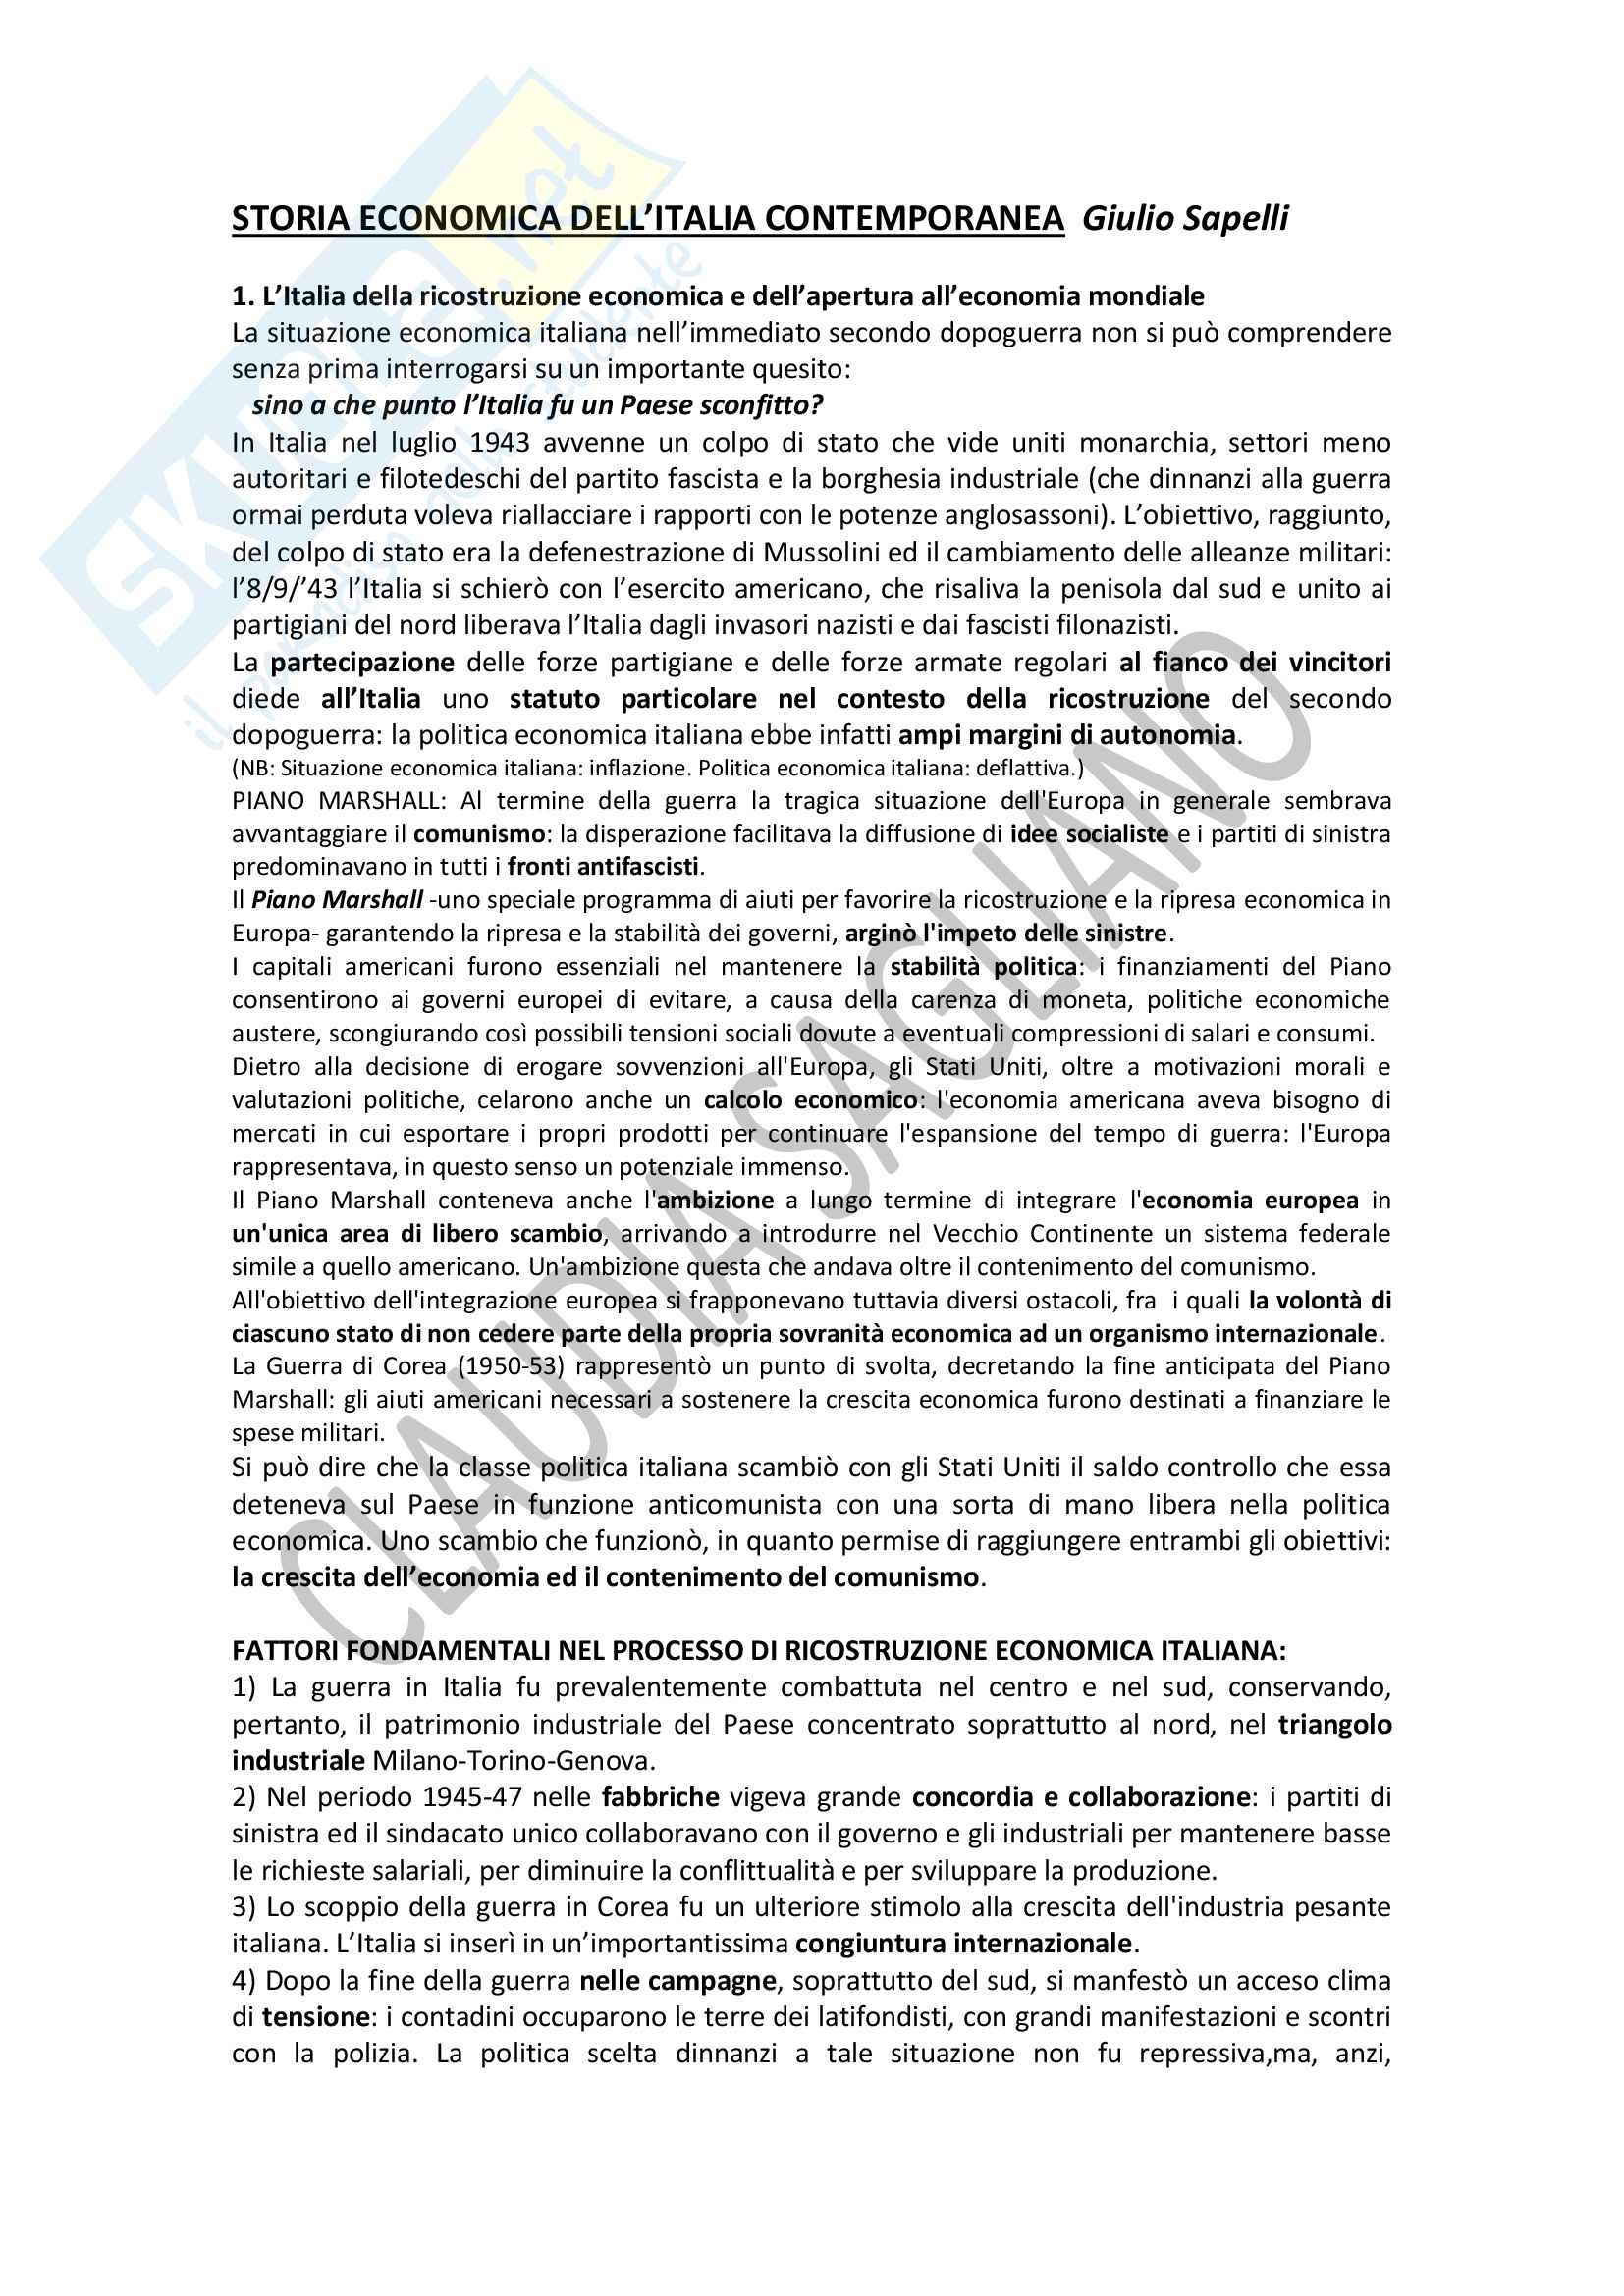 Riassunto esame storia economica, prof. Giulio Sapelli, libro consigliato: Storia Economica dell'Italia Contemporanea, Giulio Sapelli, capitoli 1-5